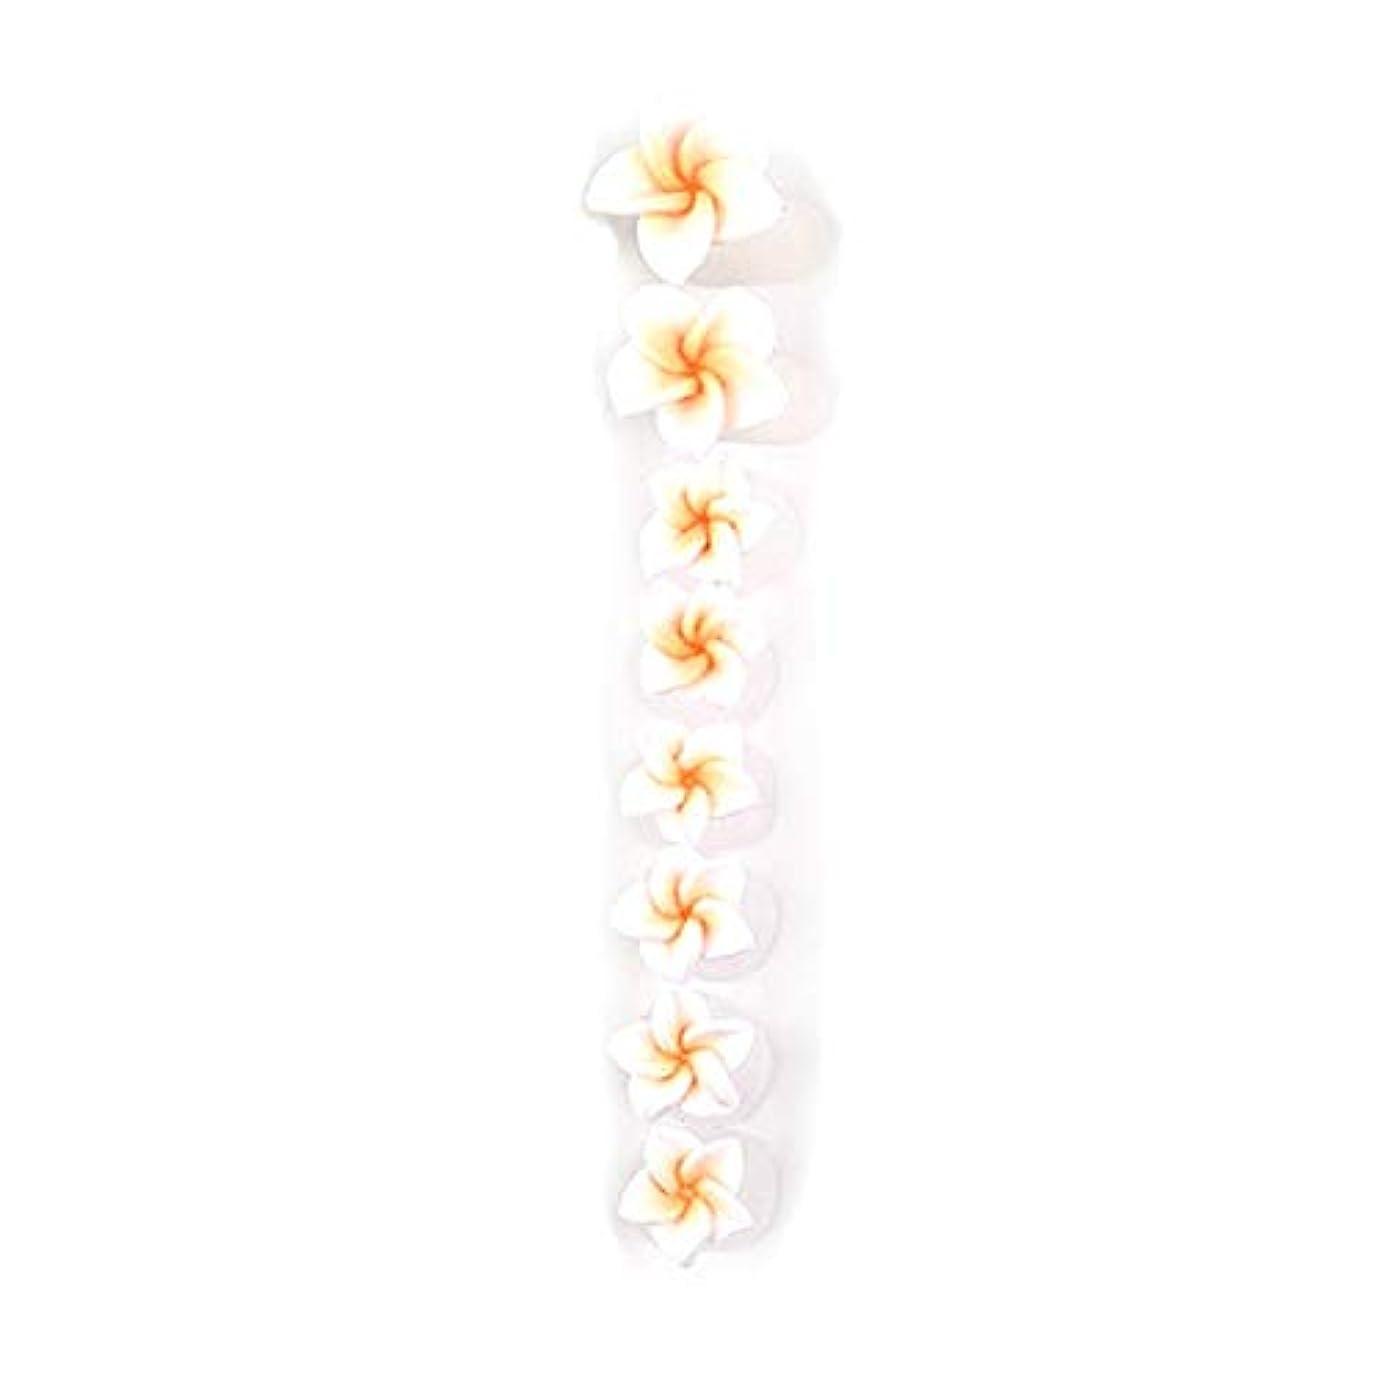 どきどき潤滑するはねかける8ピース/セットシリコンつま先セパレーター足つま先スペーサー花形ペディキュアDIYネイルアートツール-カラフル01#